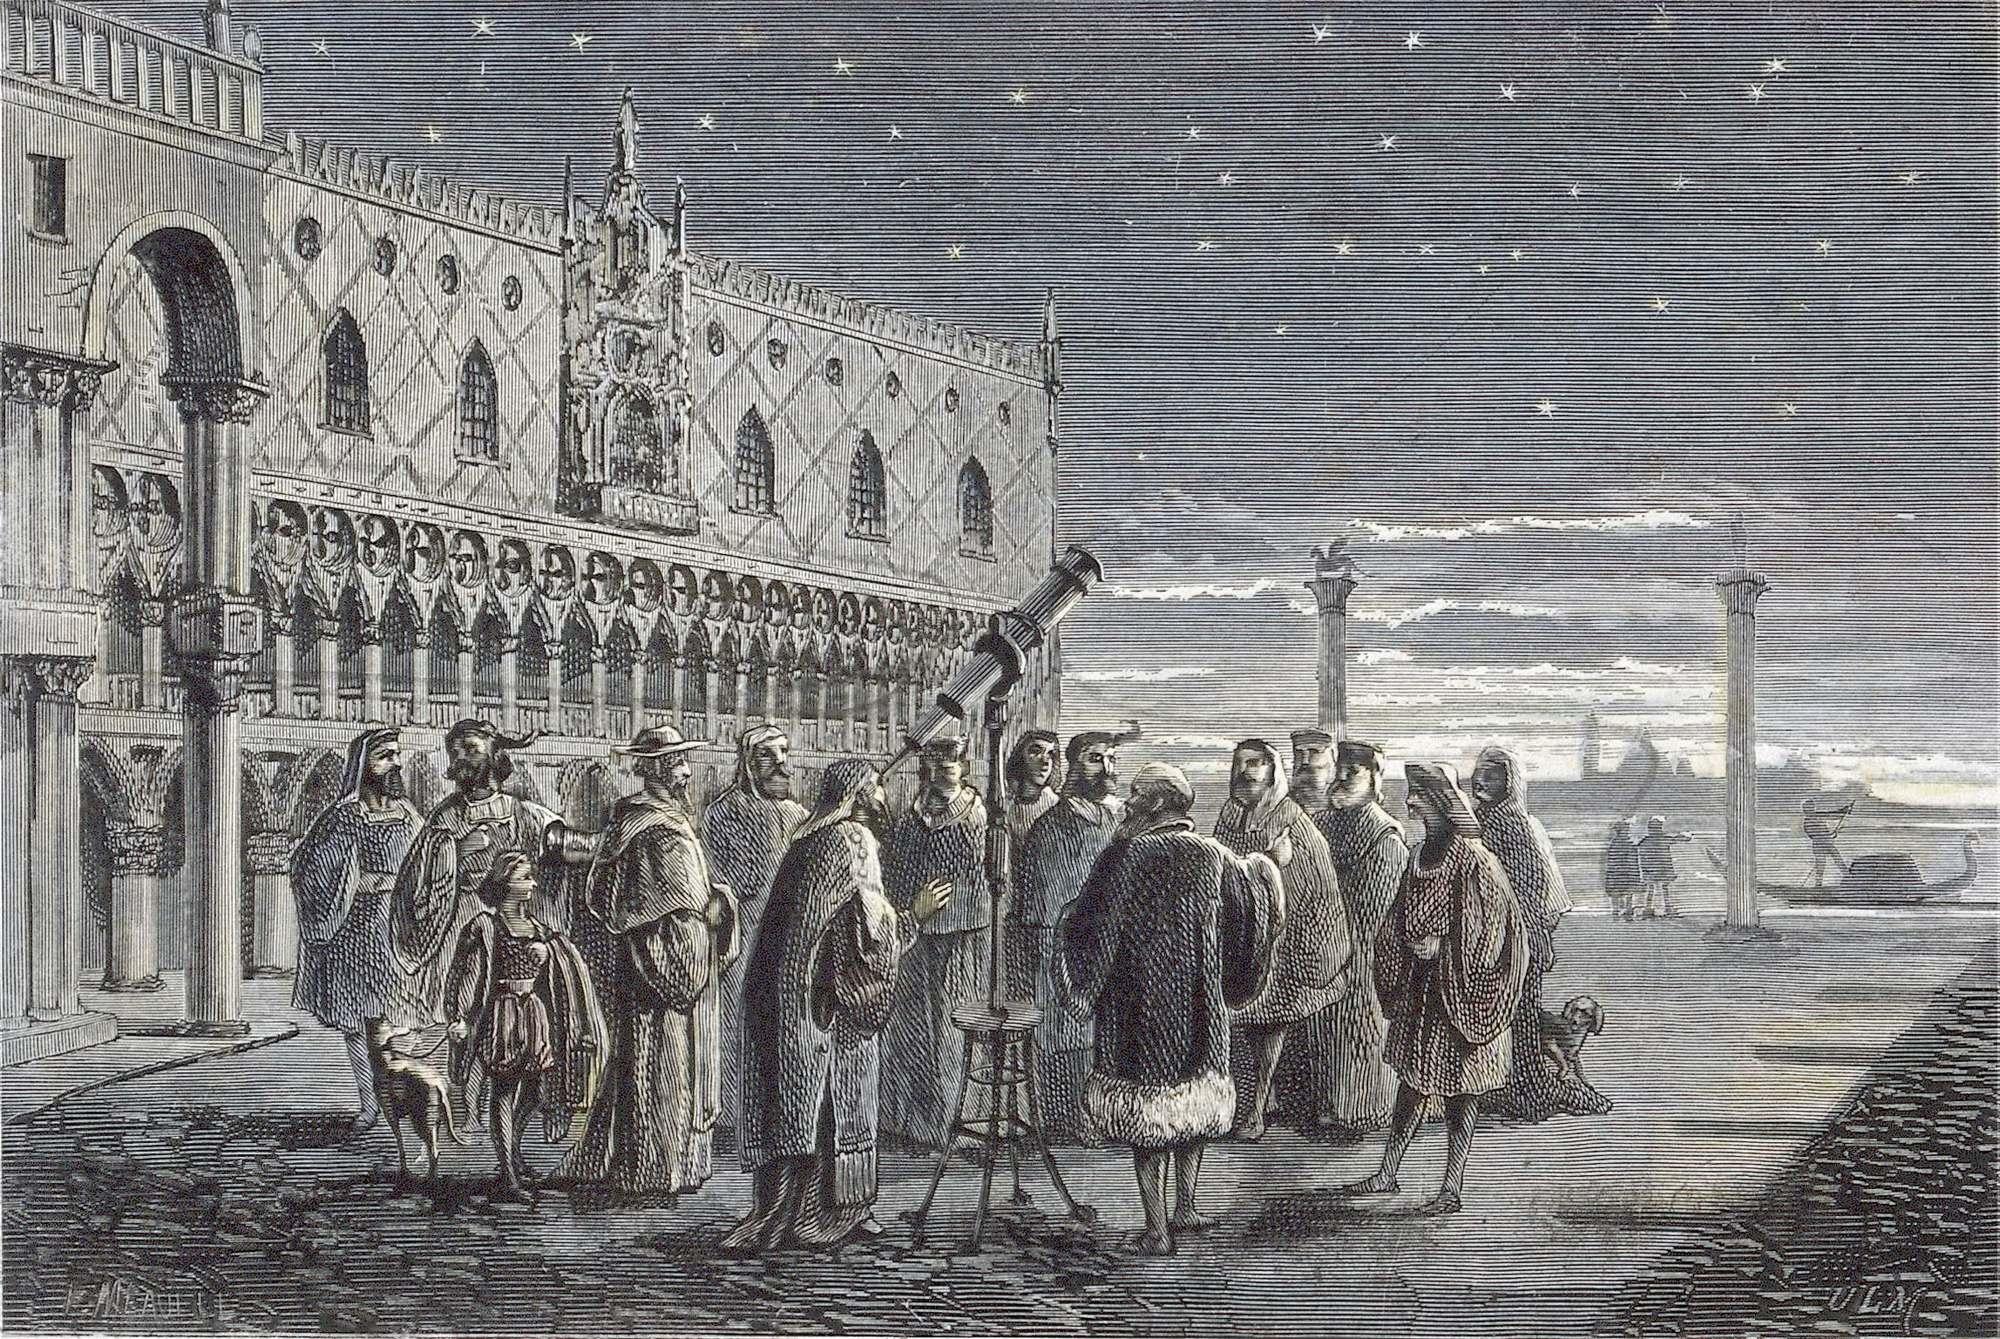 Галилей наблюдает за спутниками Юпитера на площади Сан-Марко, Венеция (Wellcome Library, London).